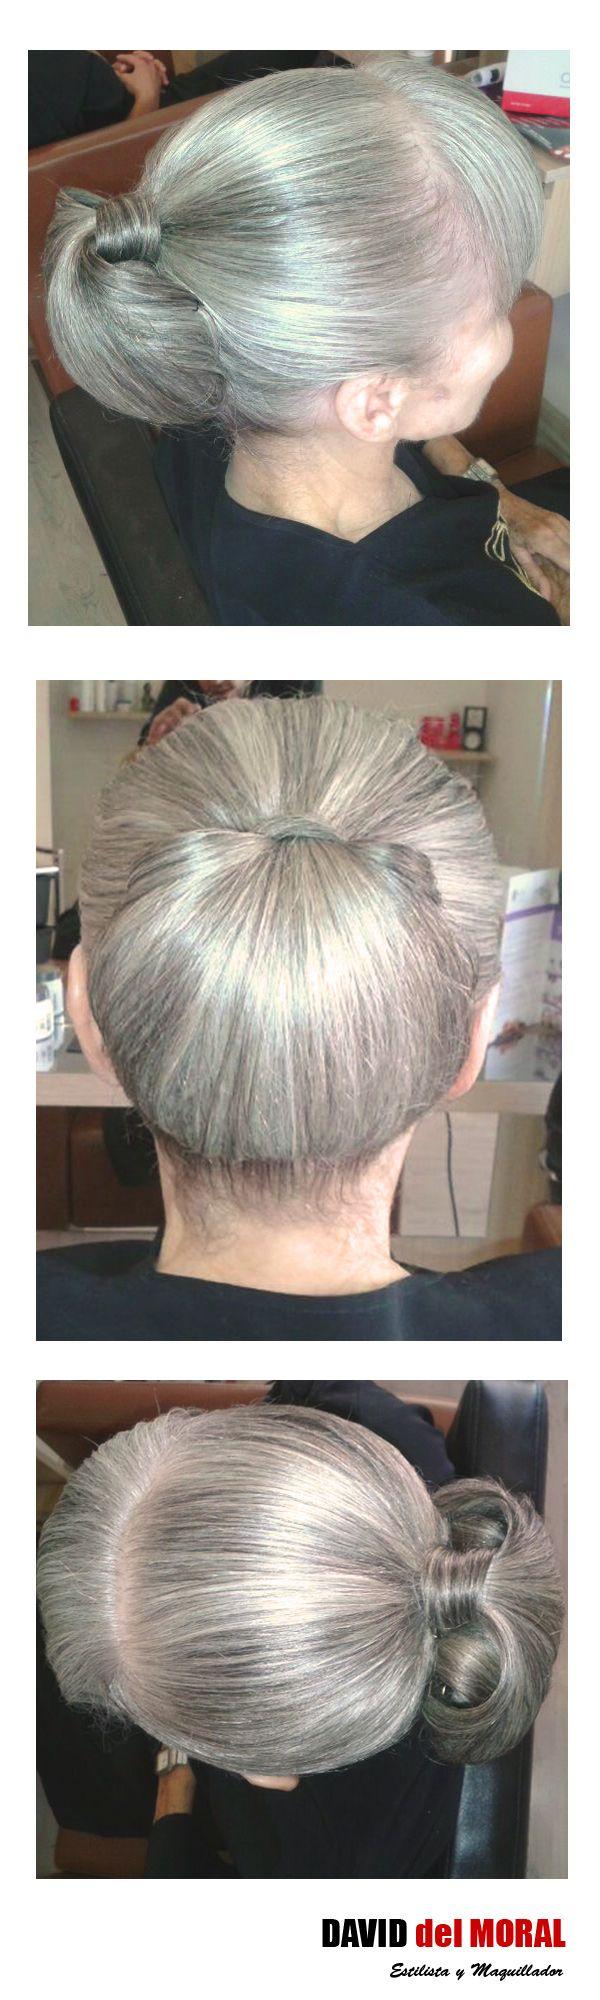 Recogido en cabello con cana natural.